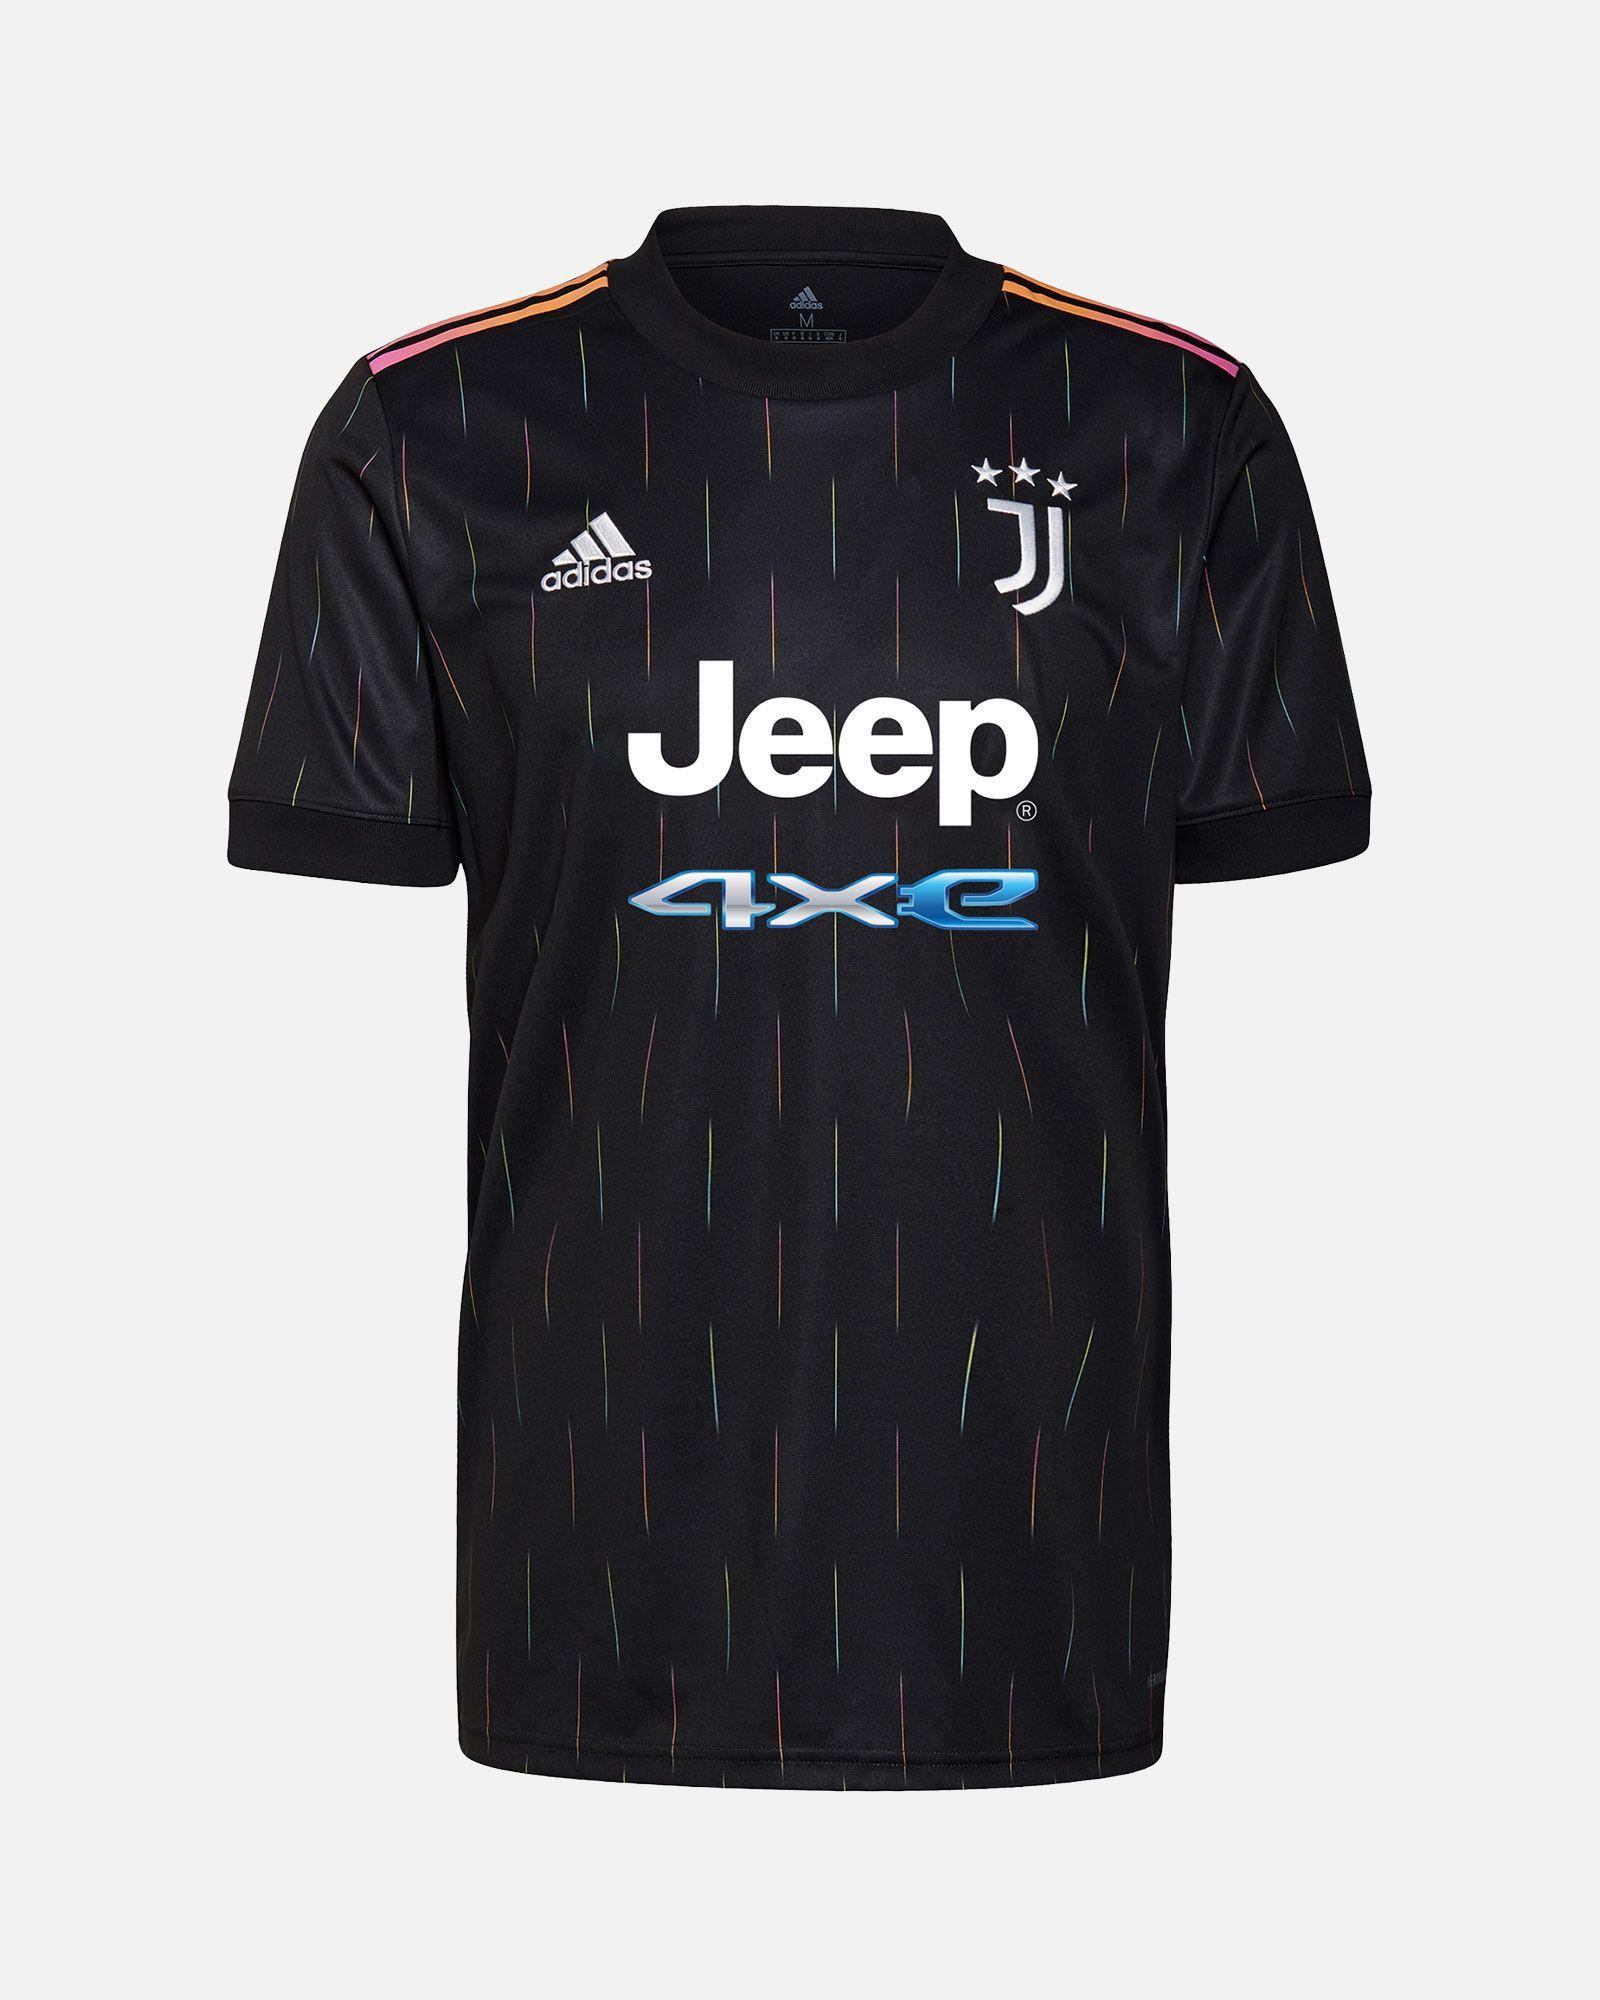 Чёрная футболка Ювентус 2021-2022